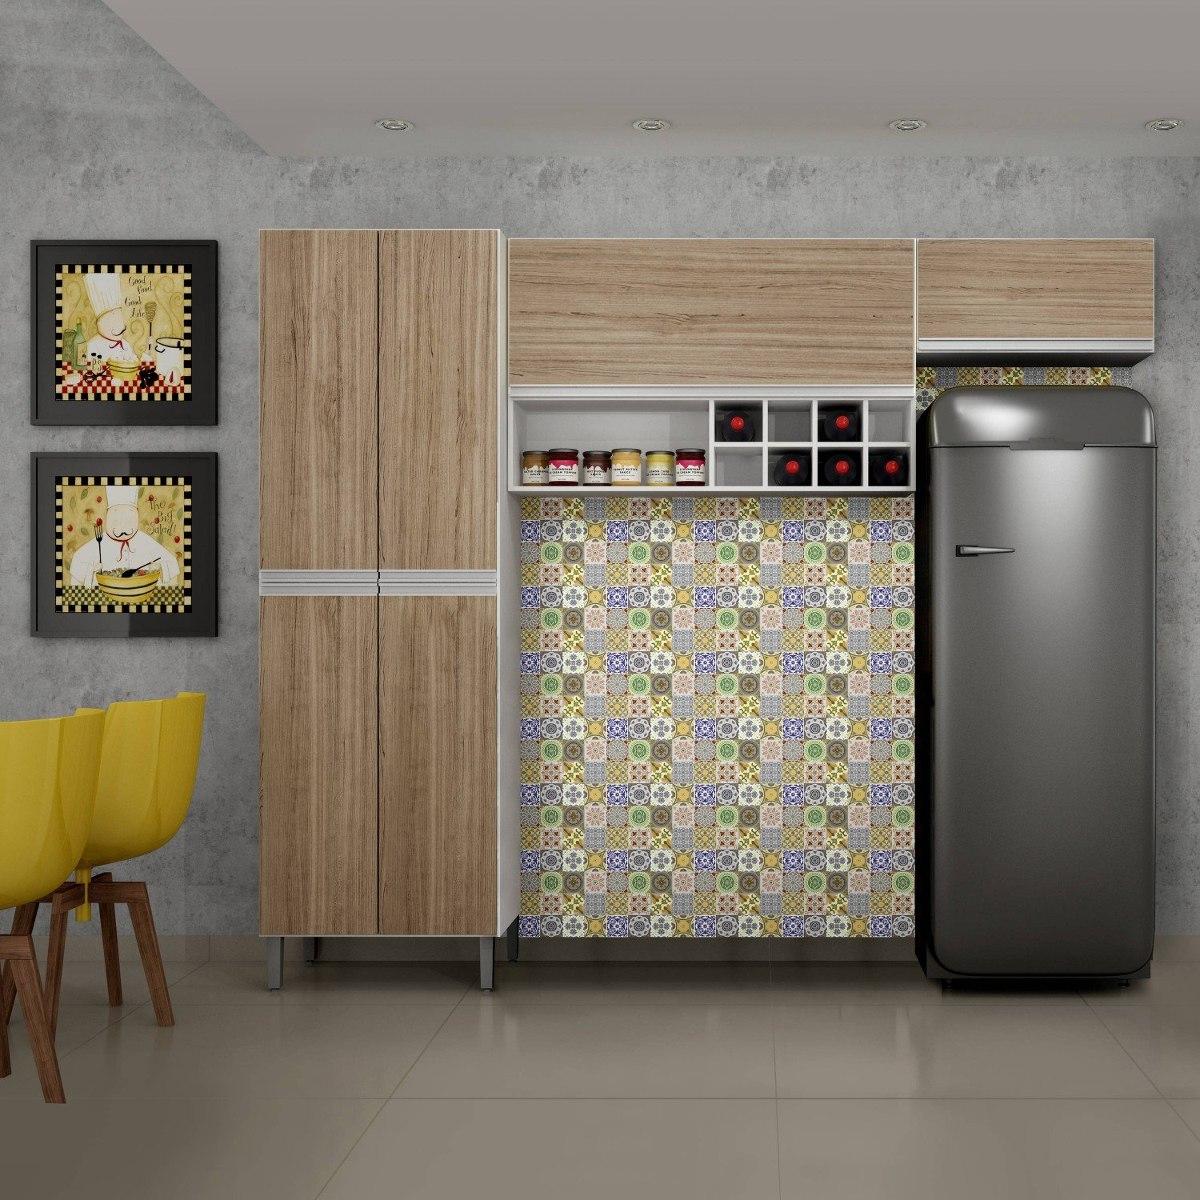 Cozinha Compacta 3 Pe As Nicho Adega Floren A Be R 729 90 Em